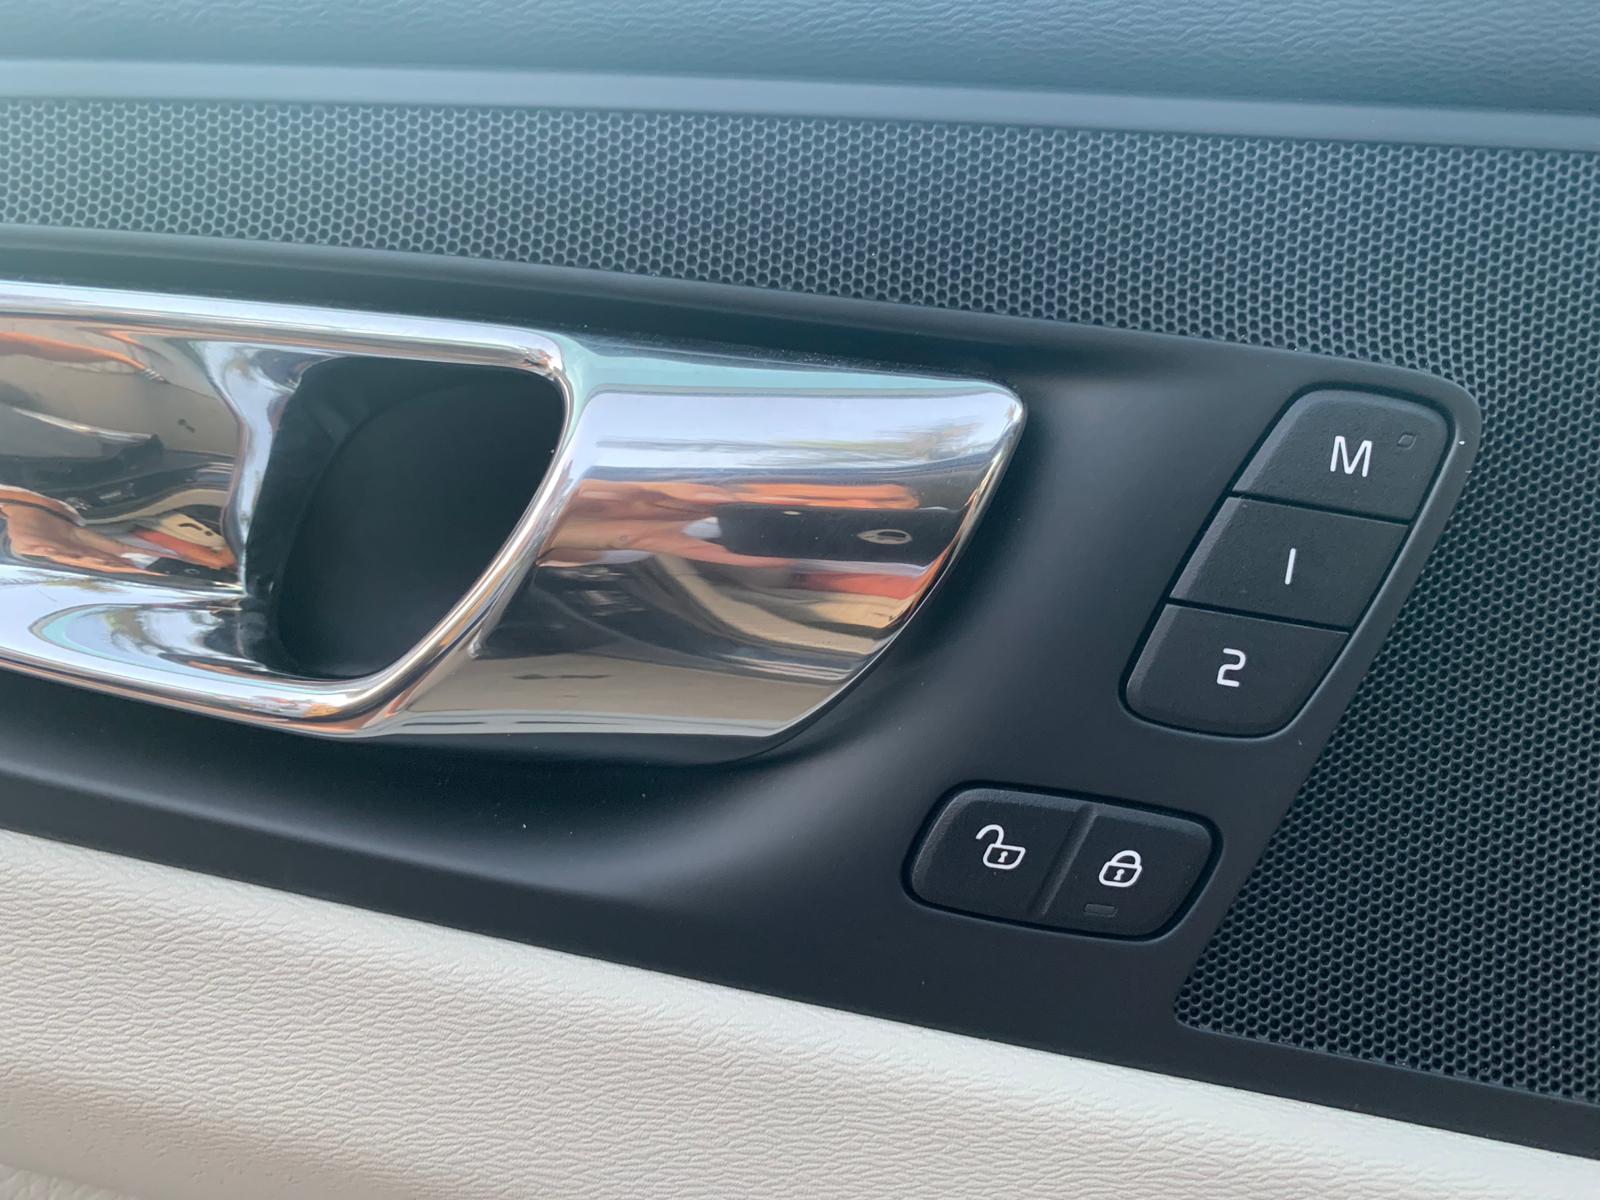 XC60 2.0 INSCRIPTION D4 AWD 2018 SEP19 (22)